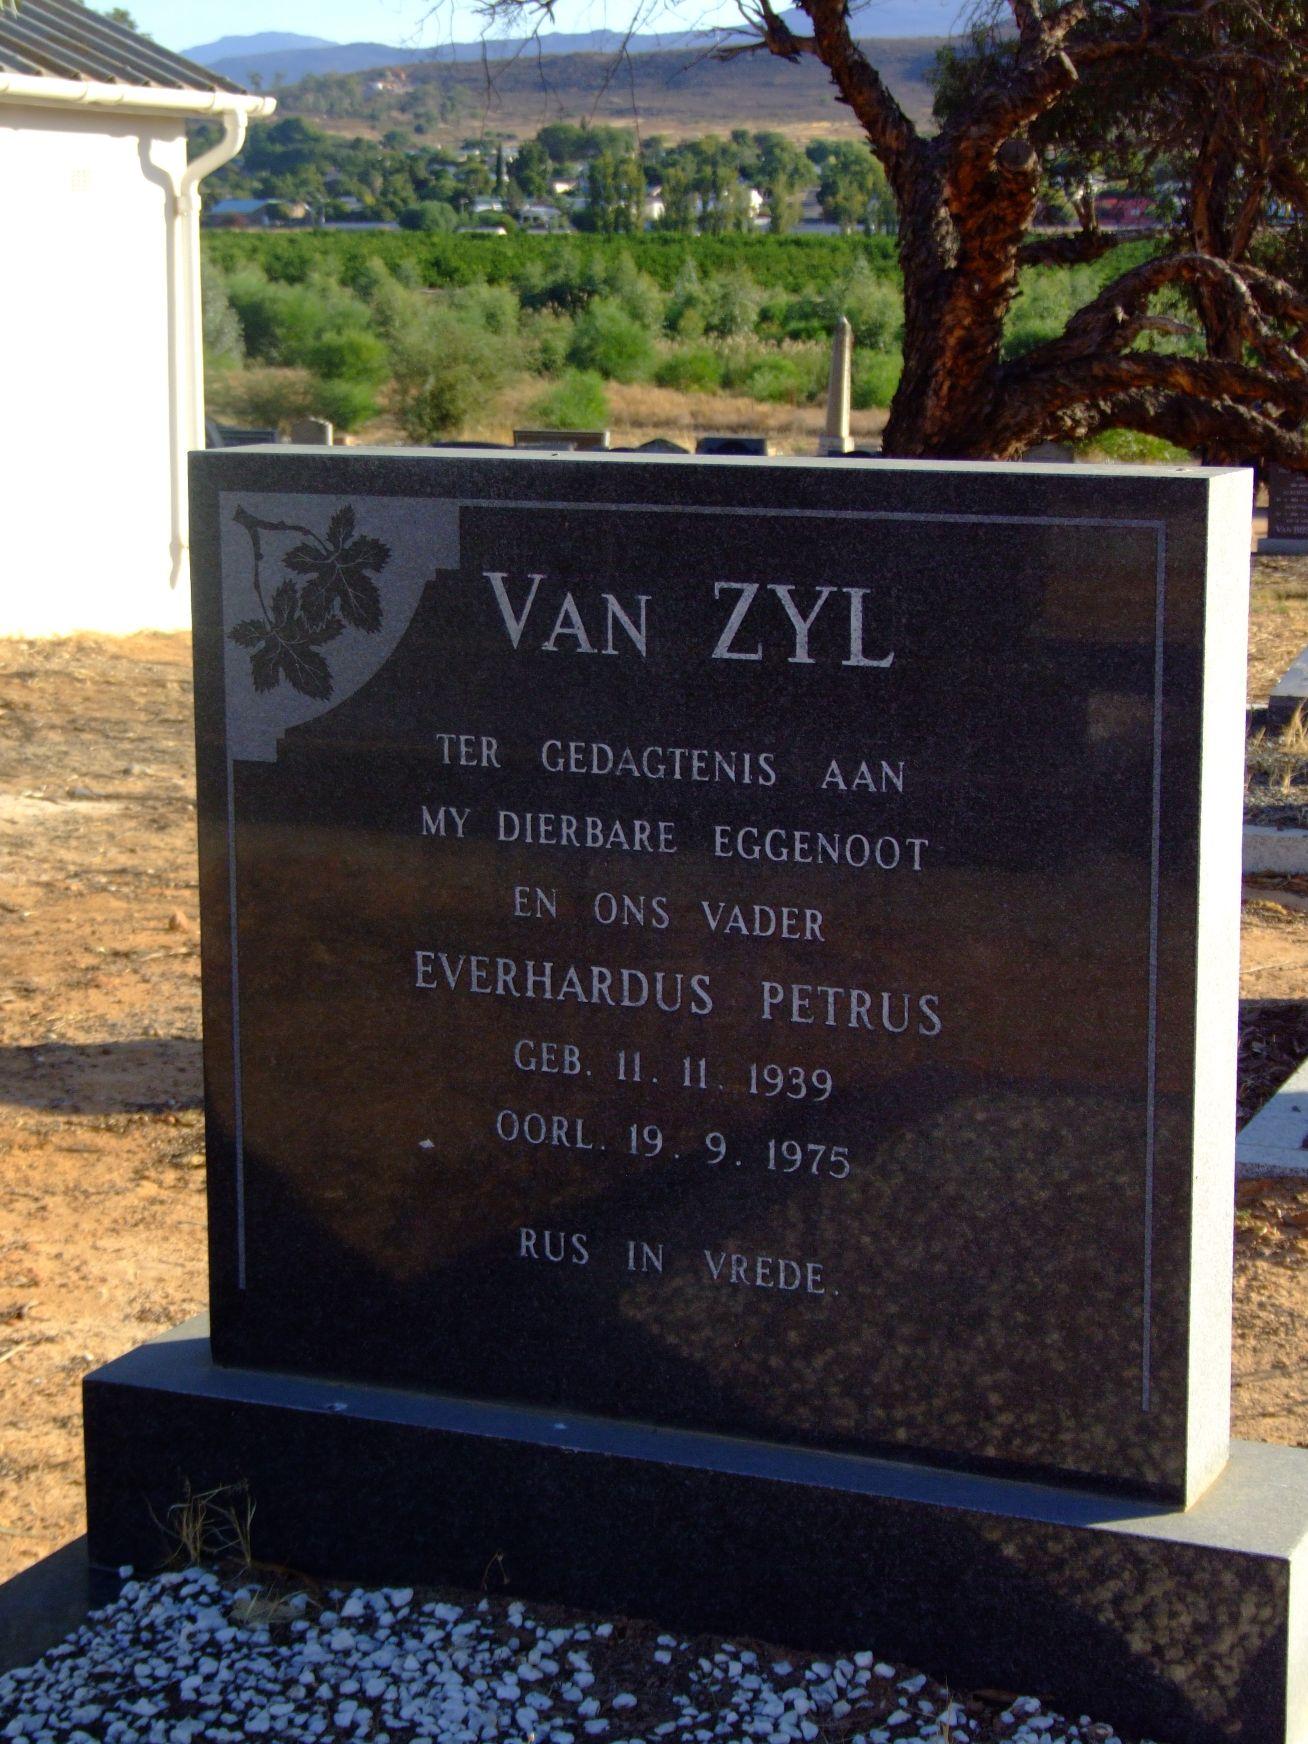 Van Zyl, Everhardus Petrus